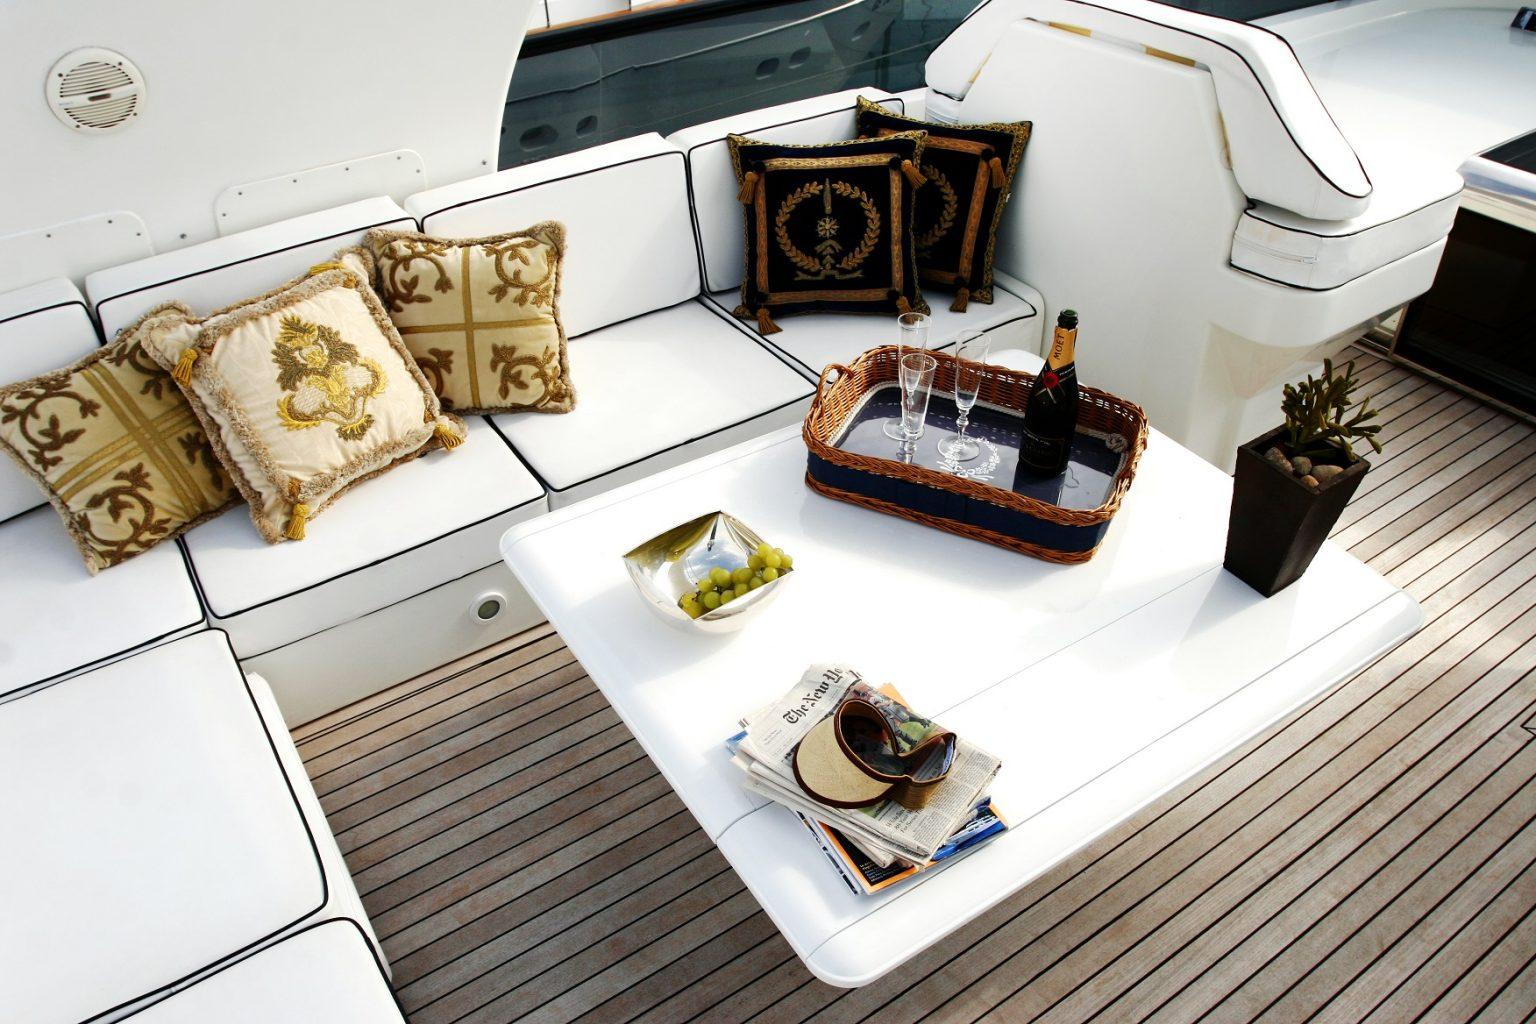 貸切クルージング船内ソファー席とシャンパーニュ